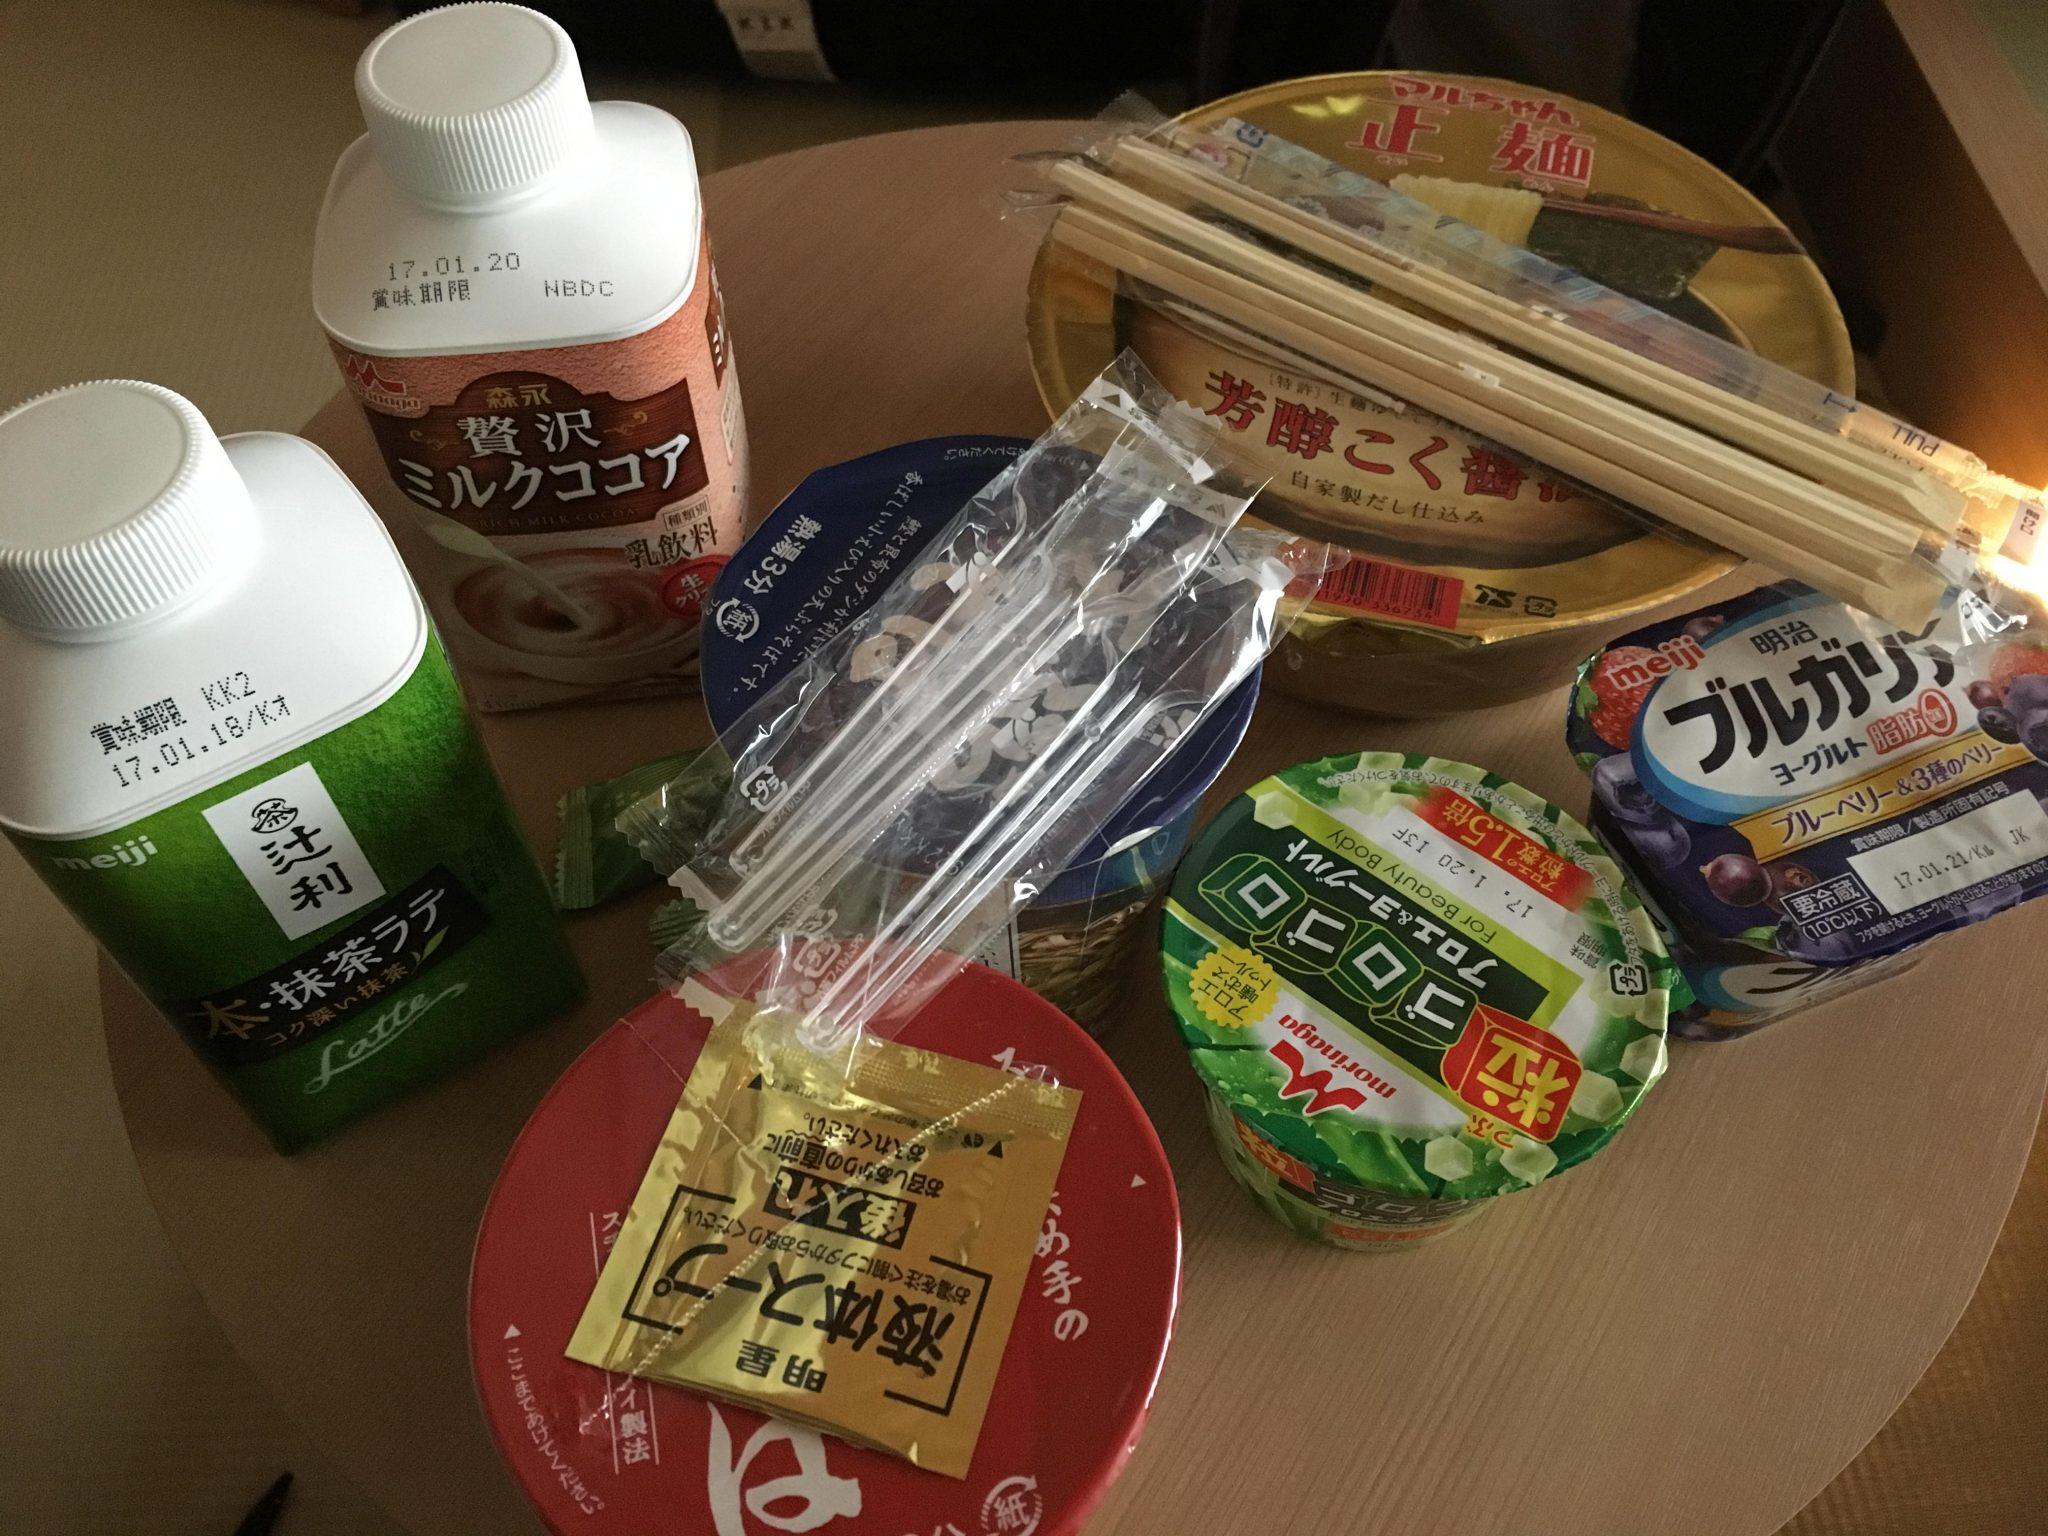 일본 편의점에서 사온 물품